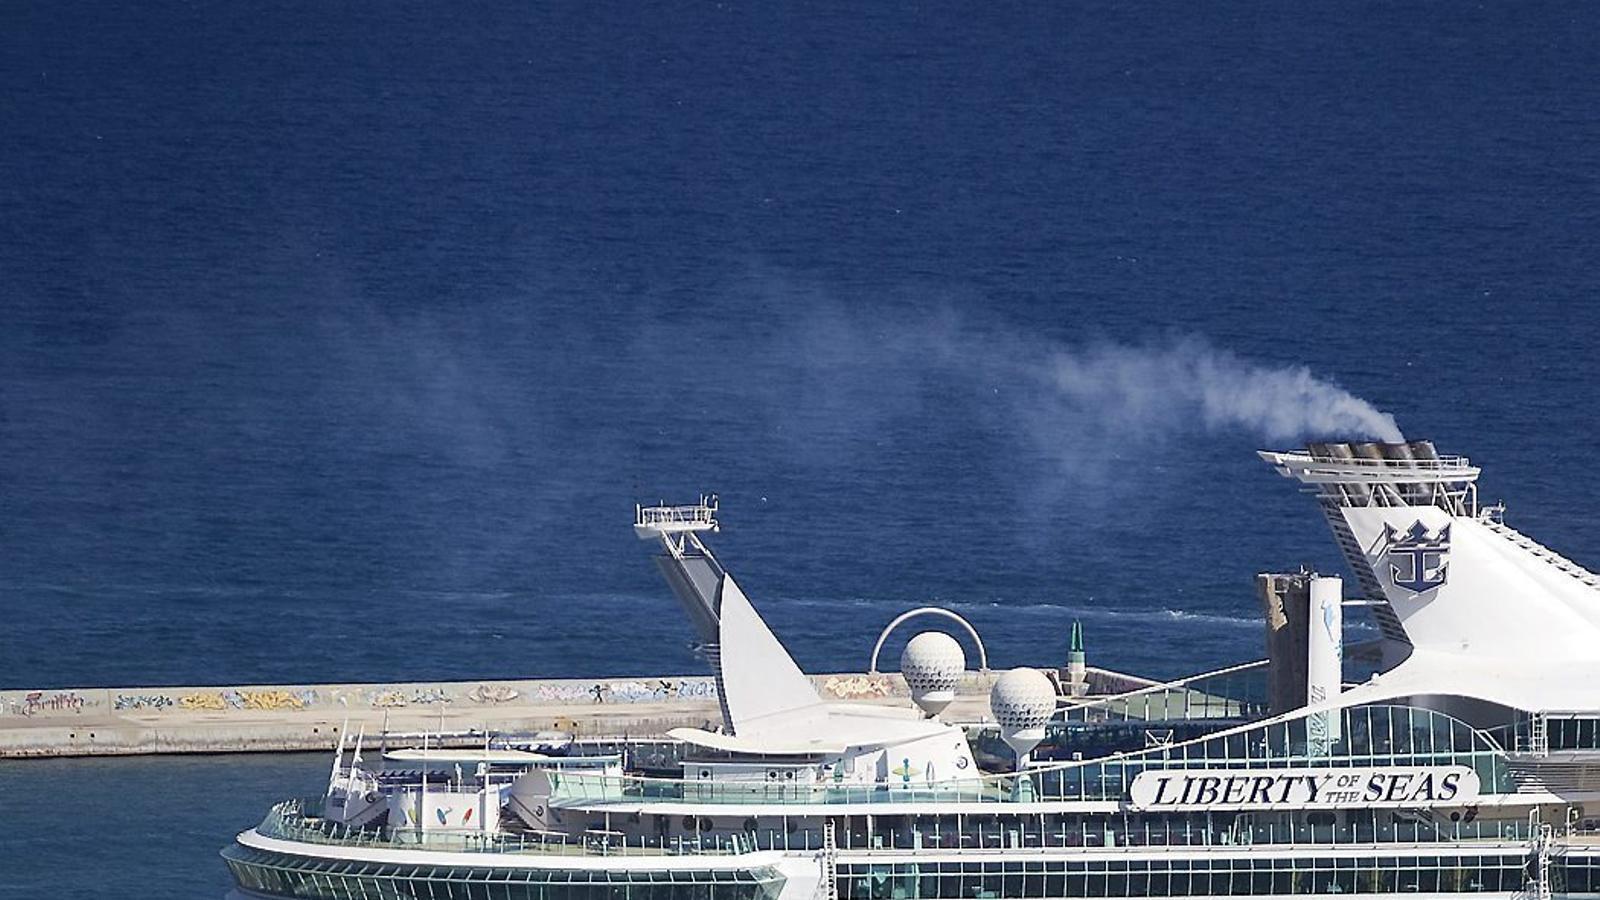 Un grup mirant-se un dels creuers de la companyia Royal Caribbean a Barcelona.